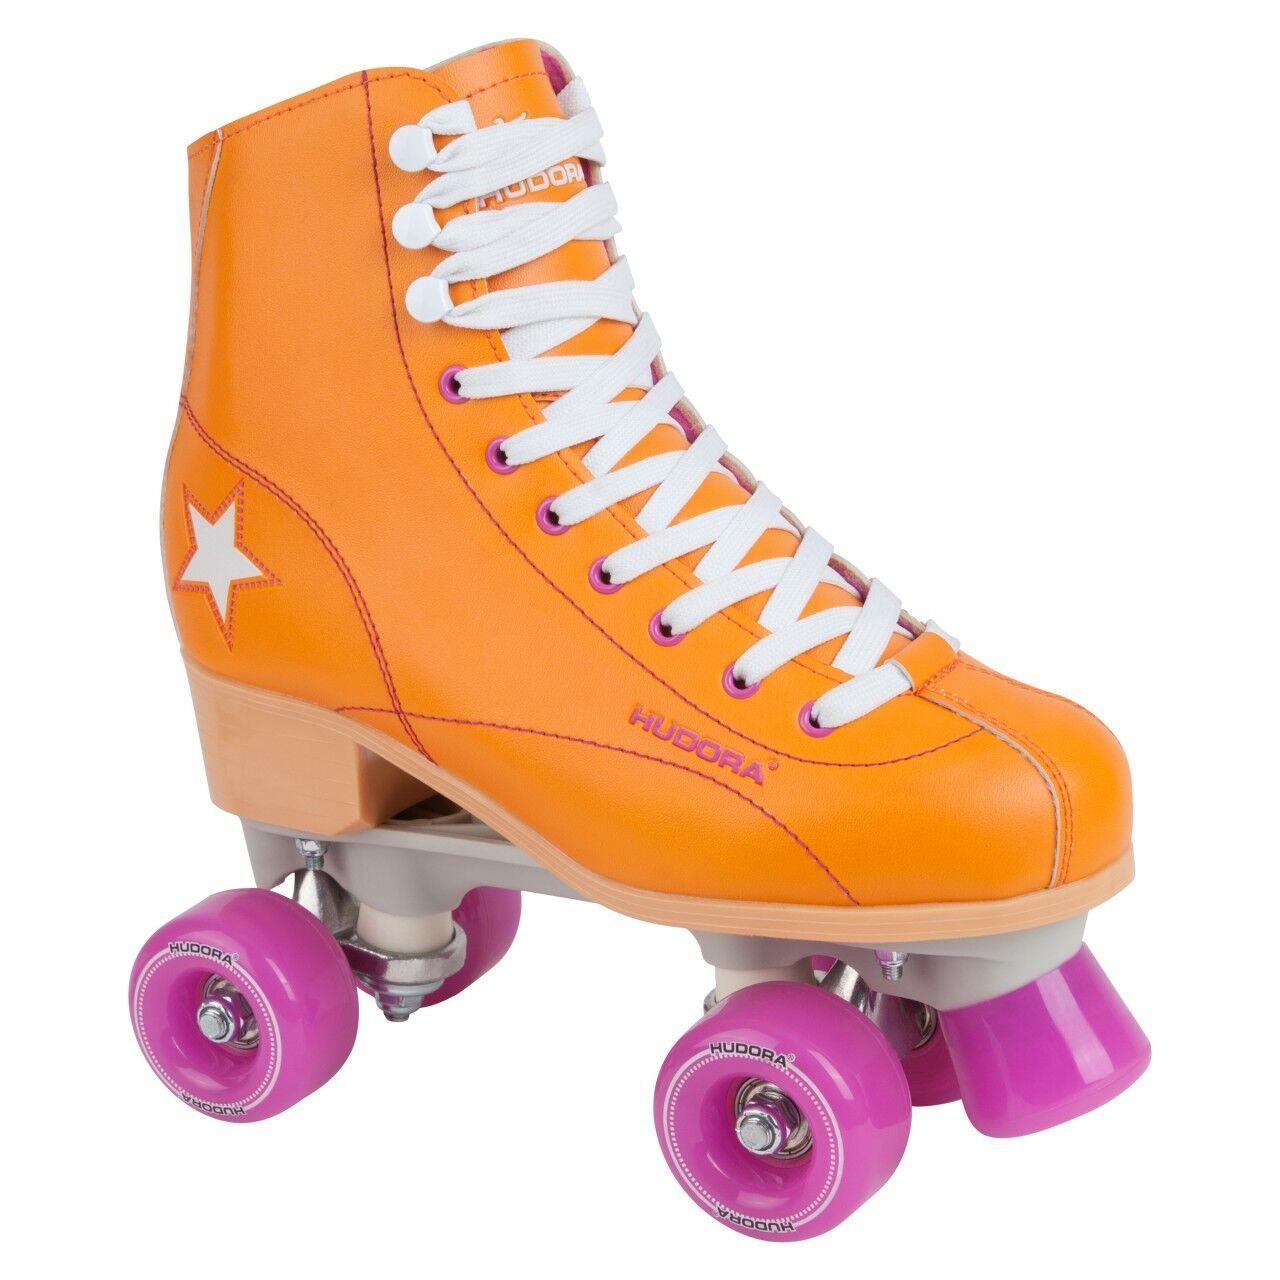 HUDORA Rollschuhe Roller Skate Disco Gr. 39 Orange-lila